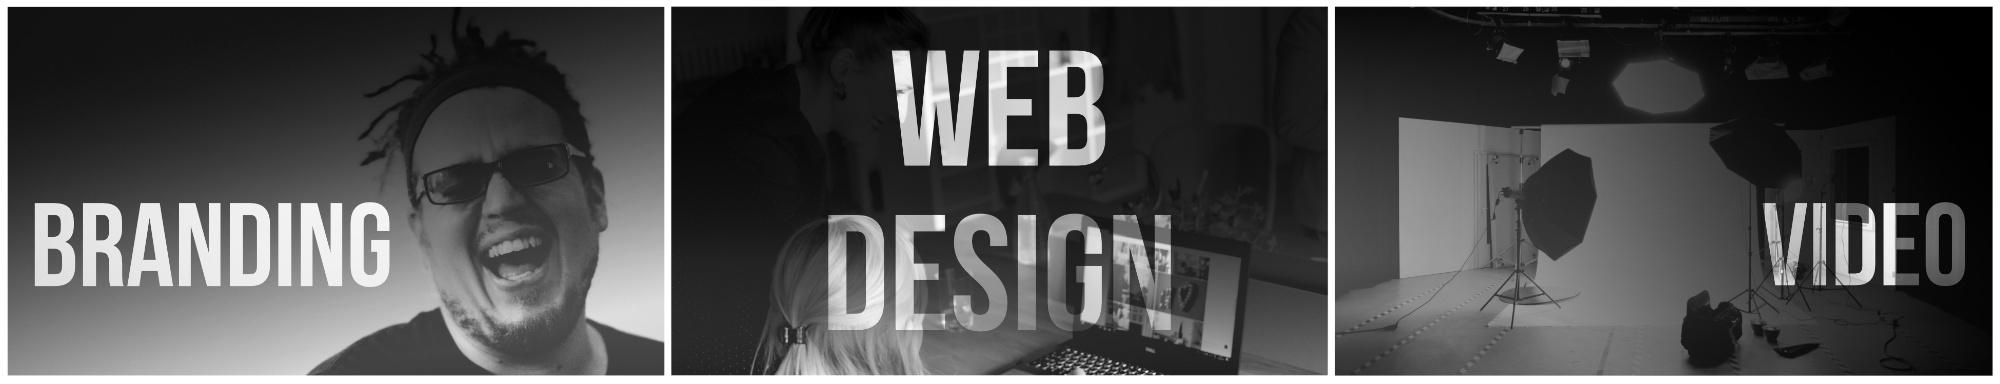 Branding, website design, video